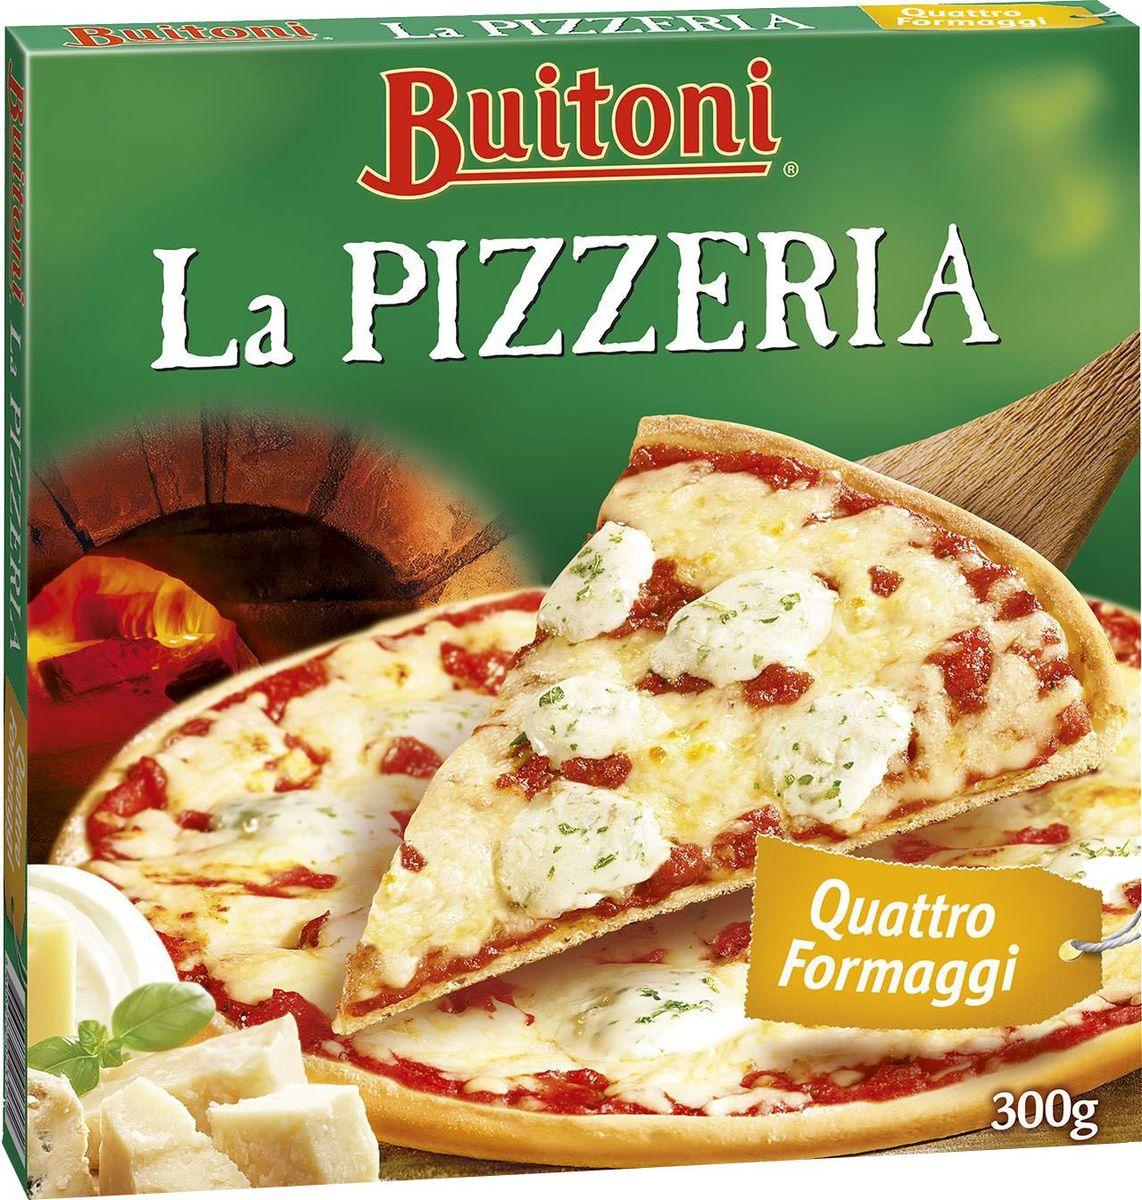 Buitoni La Pizzeria Пицца Четыре Сыра, 300 г8593893735958Попробуй Пиццу Buitoni - придай жизни вкус Италии. Пицца Buitoni выпекается в настоящей каменной печи. Благодаря равномерному жару, исходящему от природного камня, пицца становится более тонкой, хрустящей и вкусной. Секрет пиццы Буитони заключается в комбинации свежих натуральных ингредиентов - томатов, созревающих на жарком солнце, лучших сортов сыра и ароматных специй.